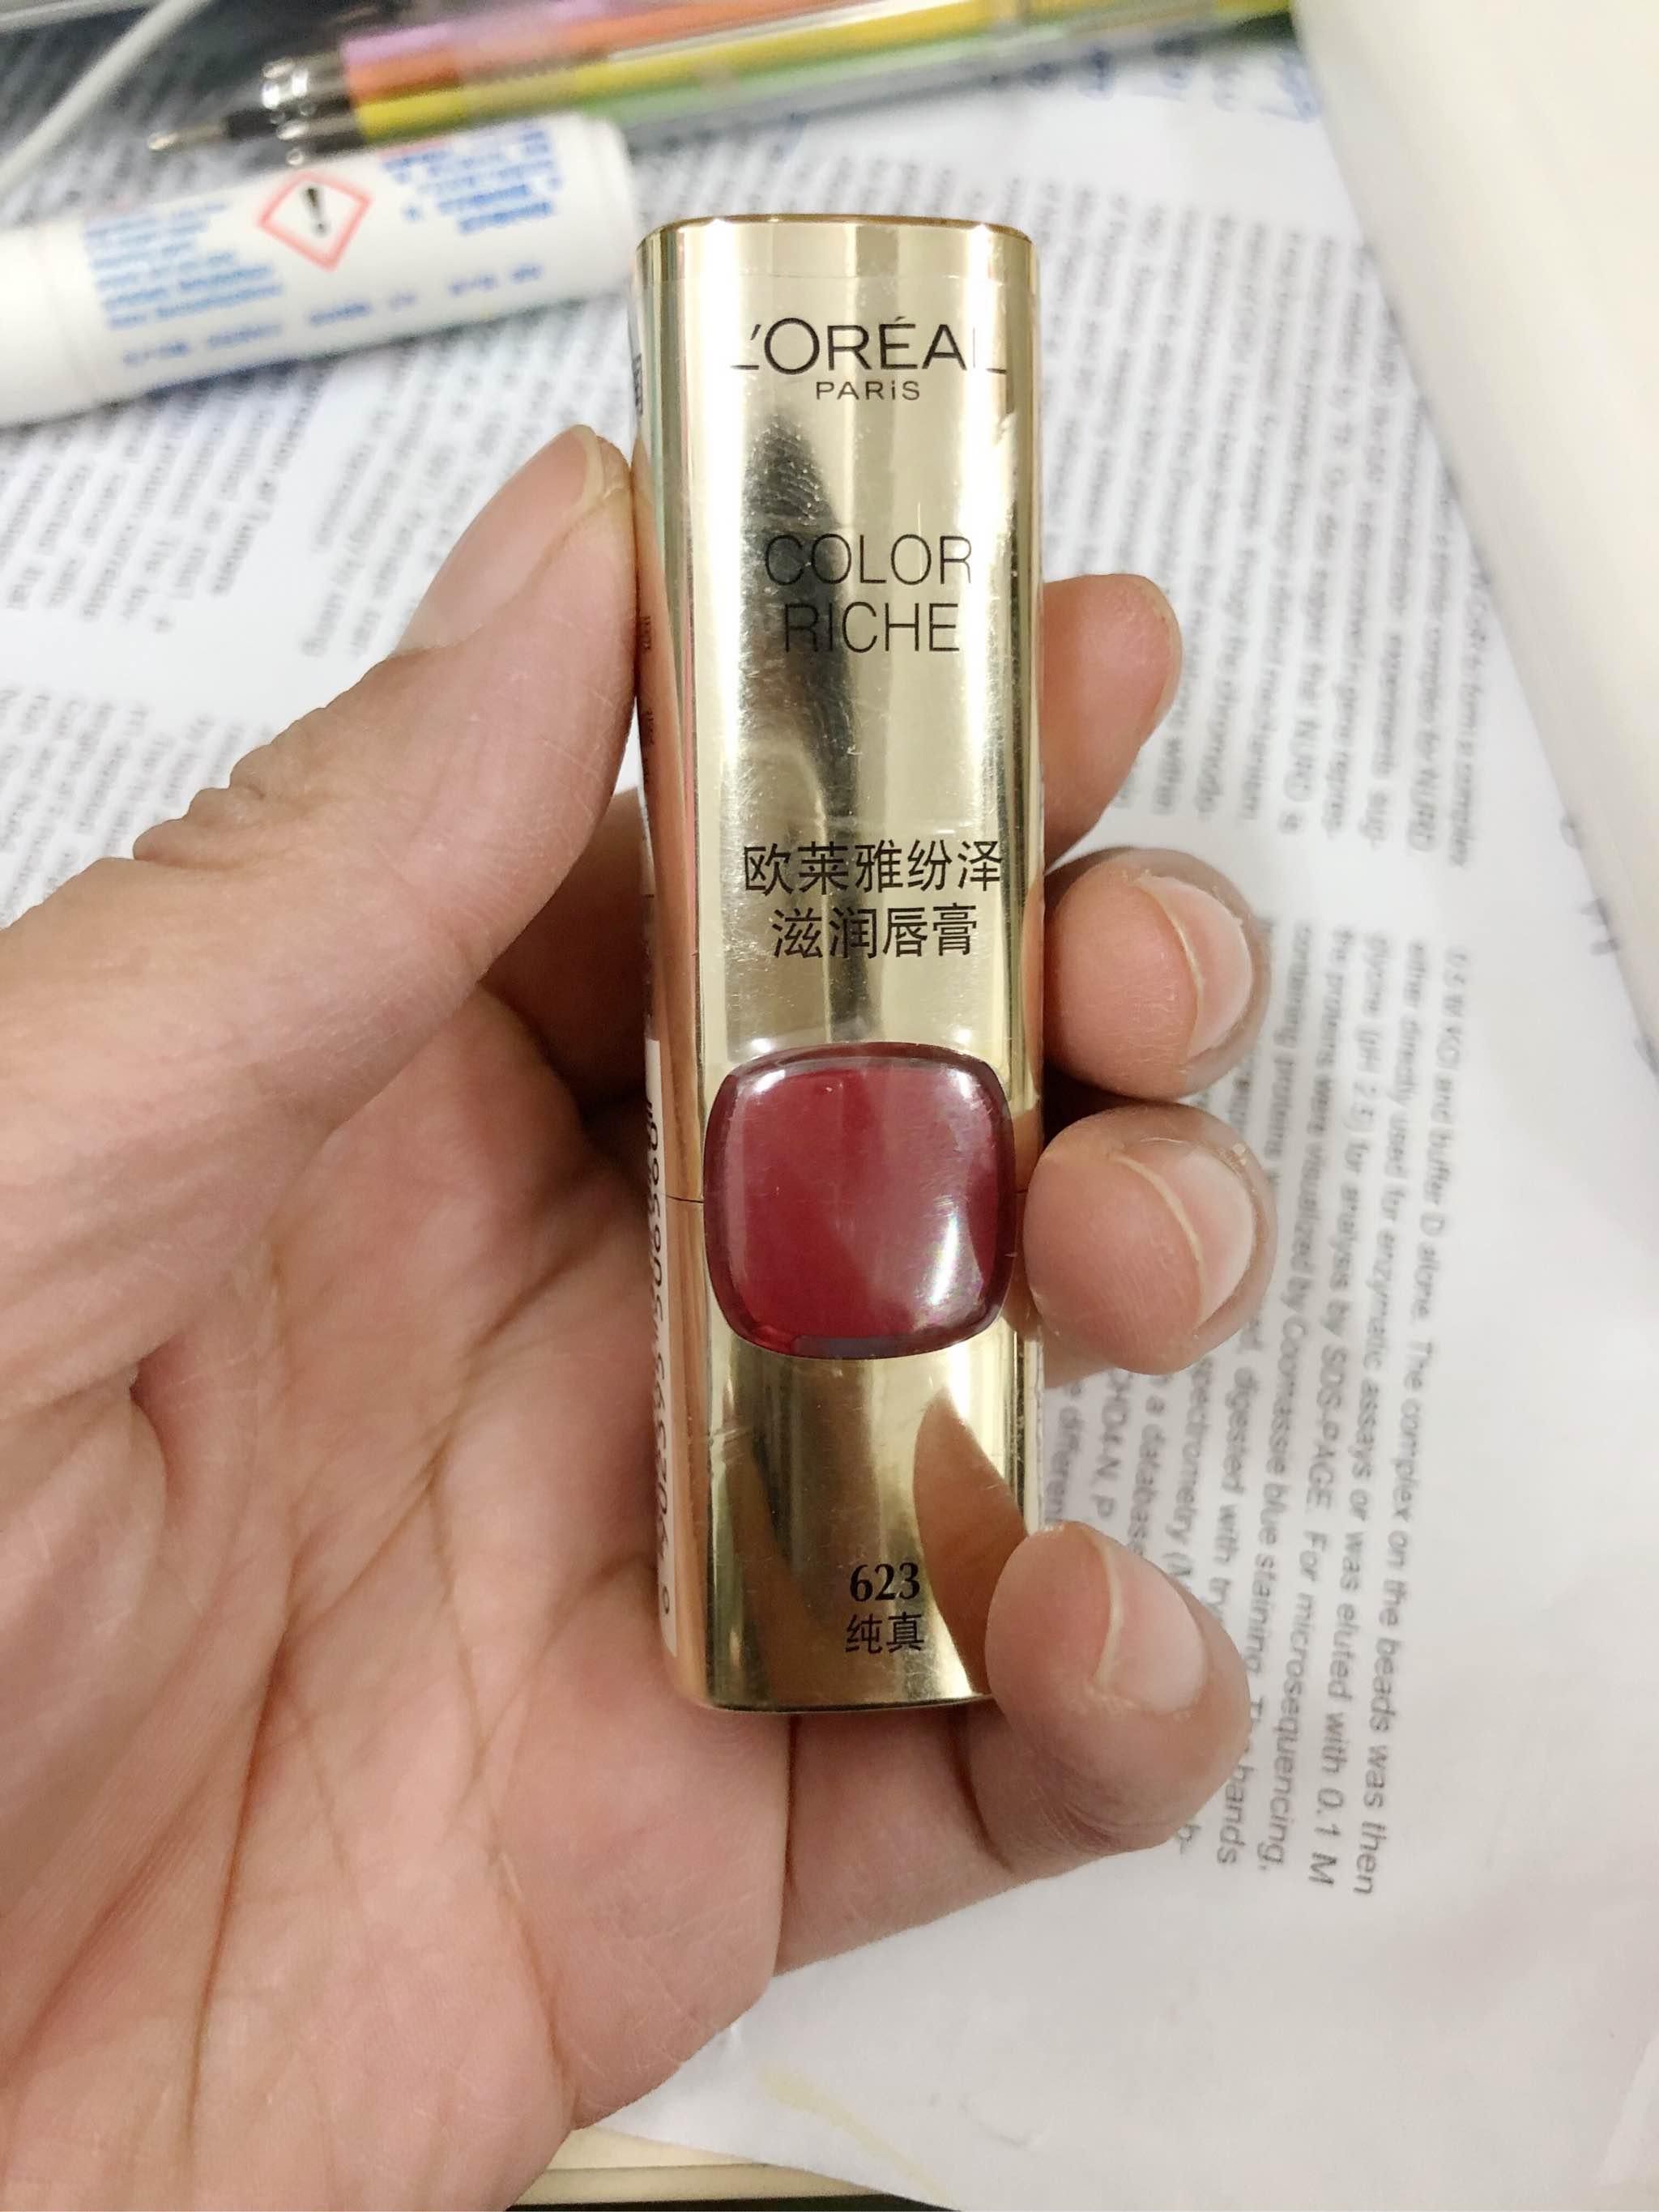 口红排行榜前十名—欧莱雅#623试色,一点偏橘的水润红色